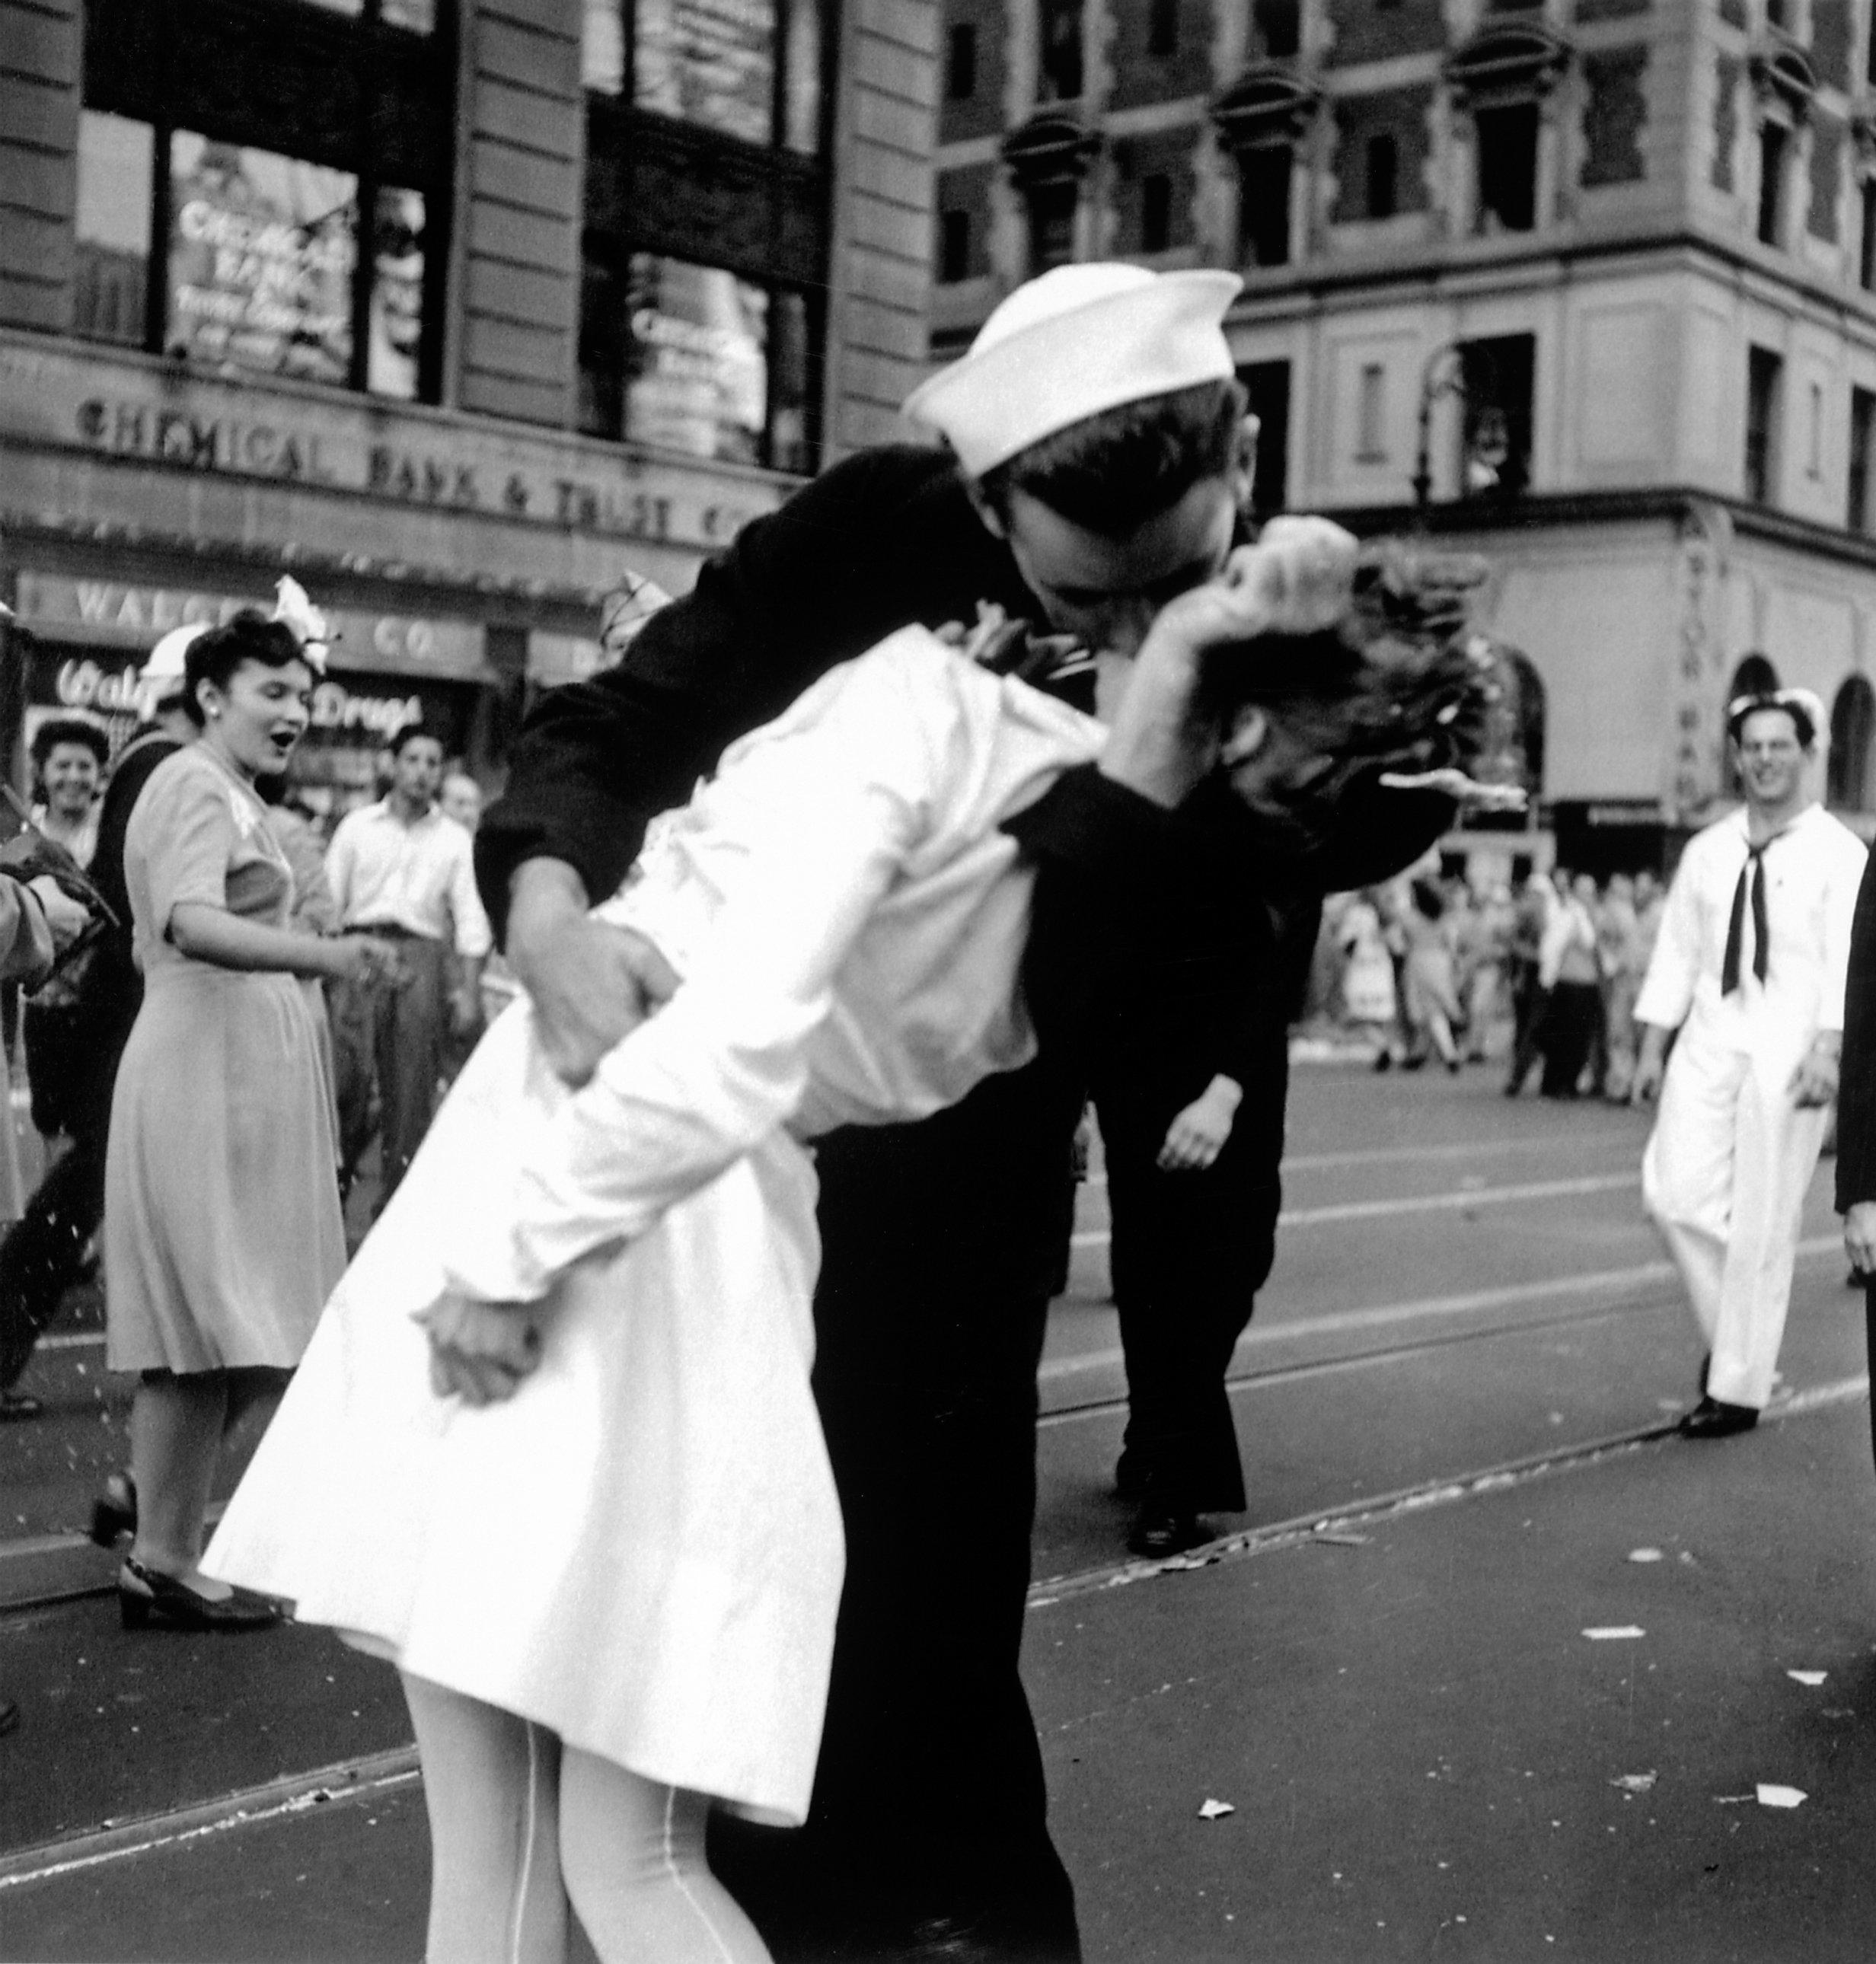 「勝利のキス」の男性が死去 大戦終結時に撮影、世界的に有名なキス写真